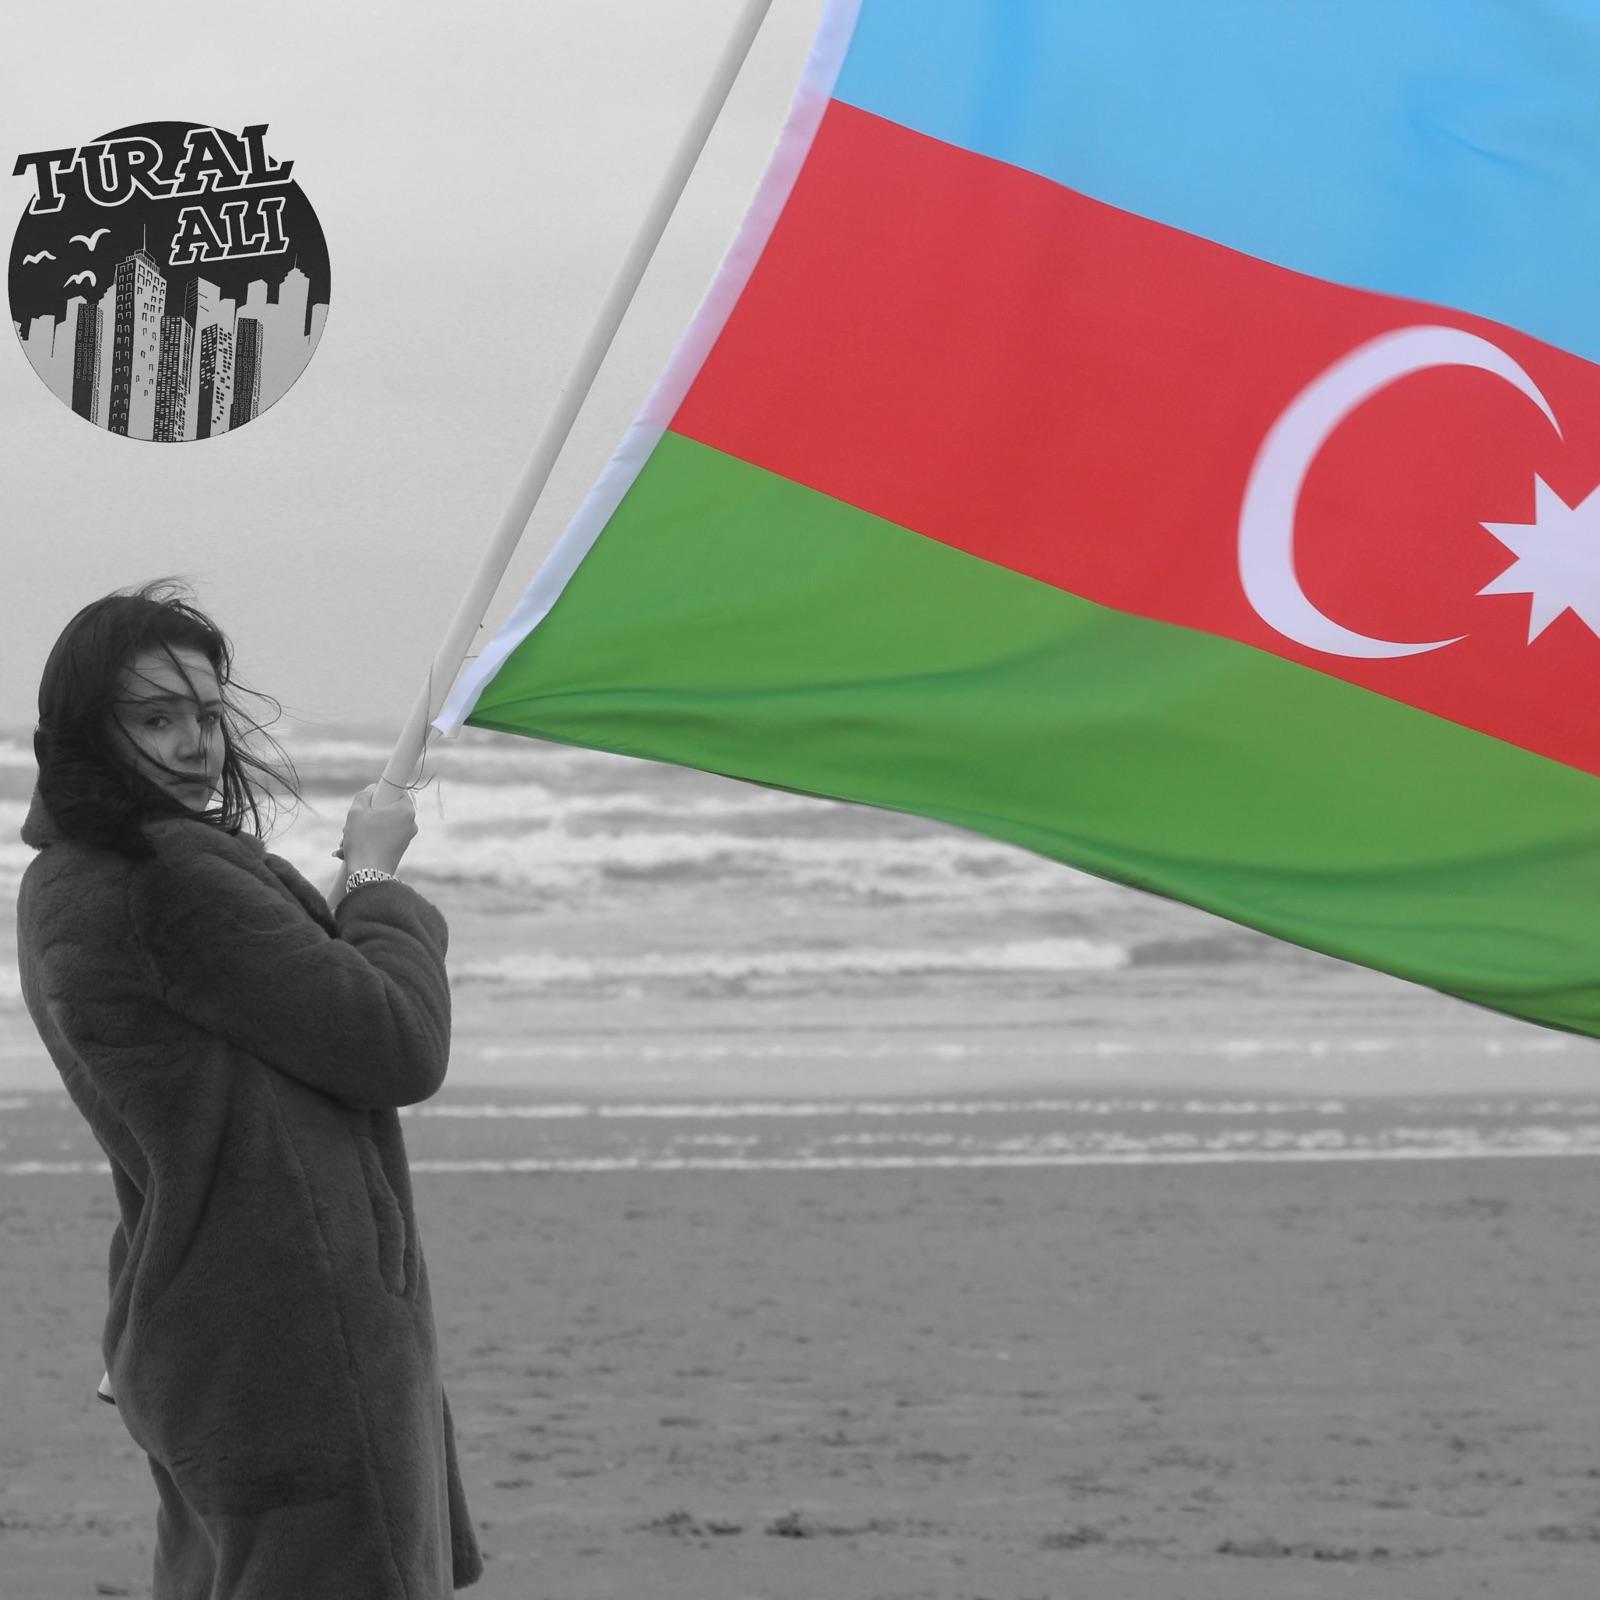 Ləpələr (feat. Samix)